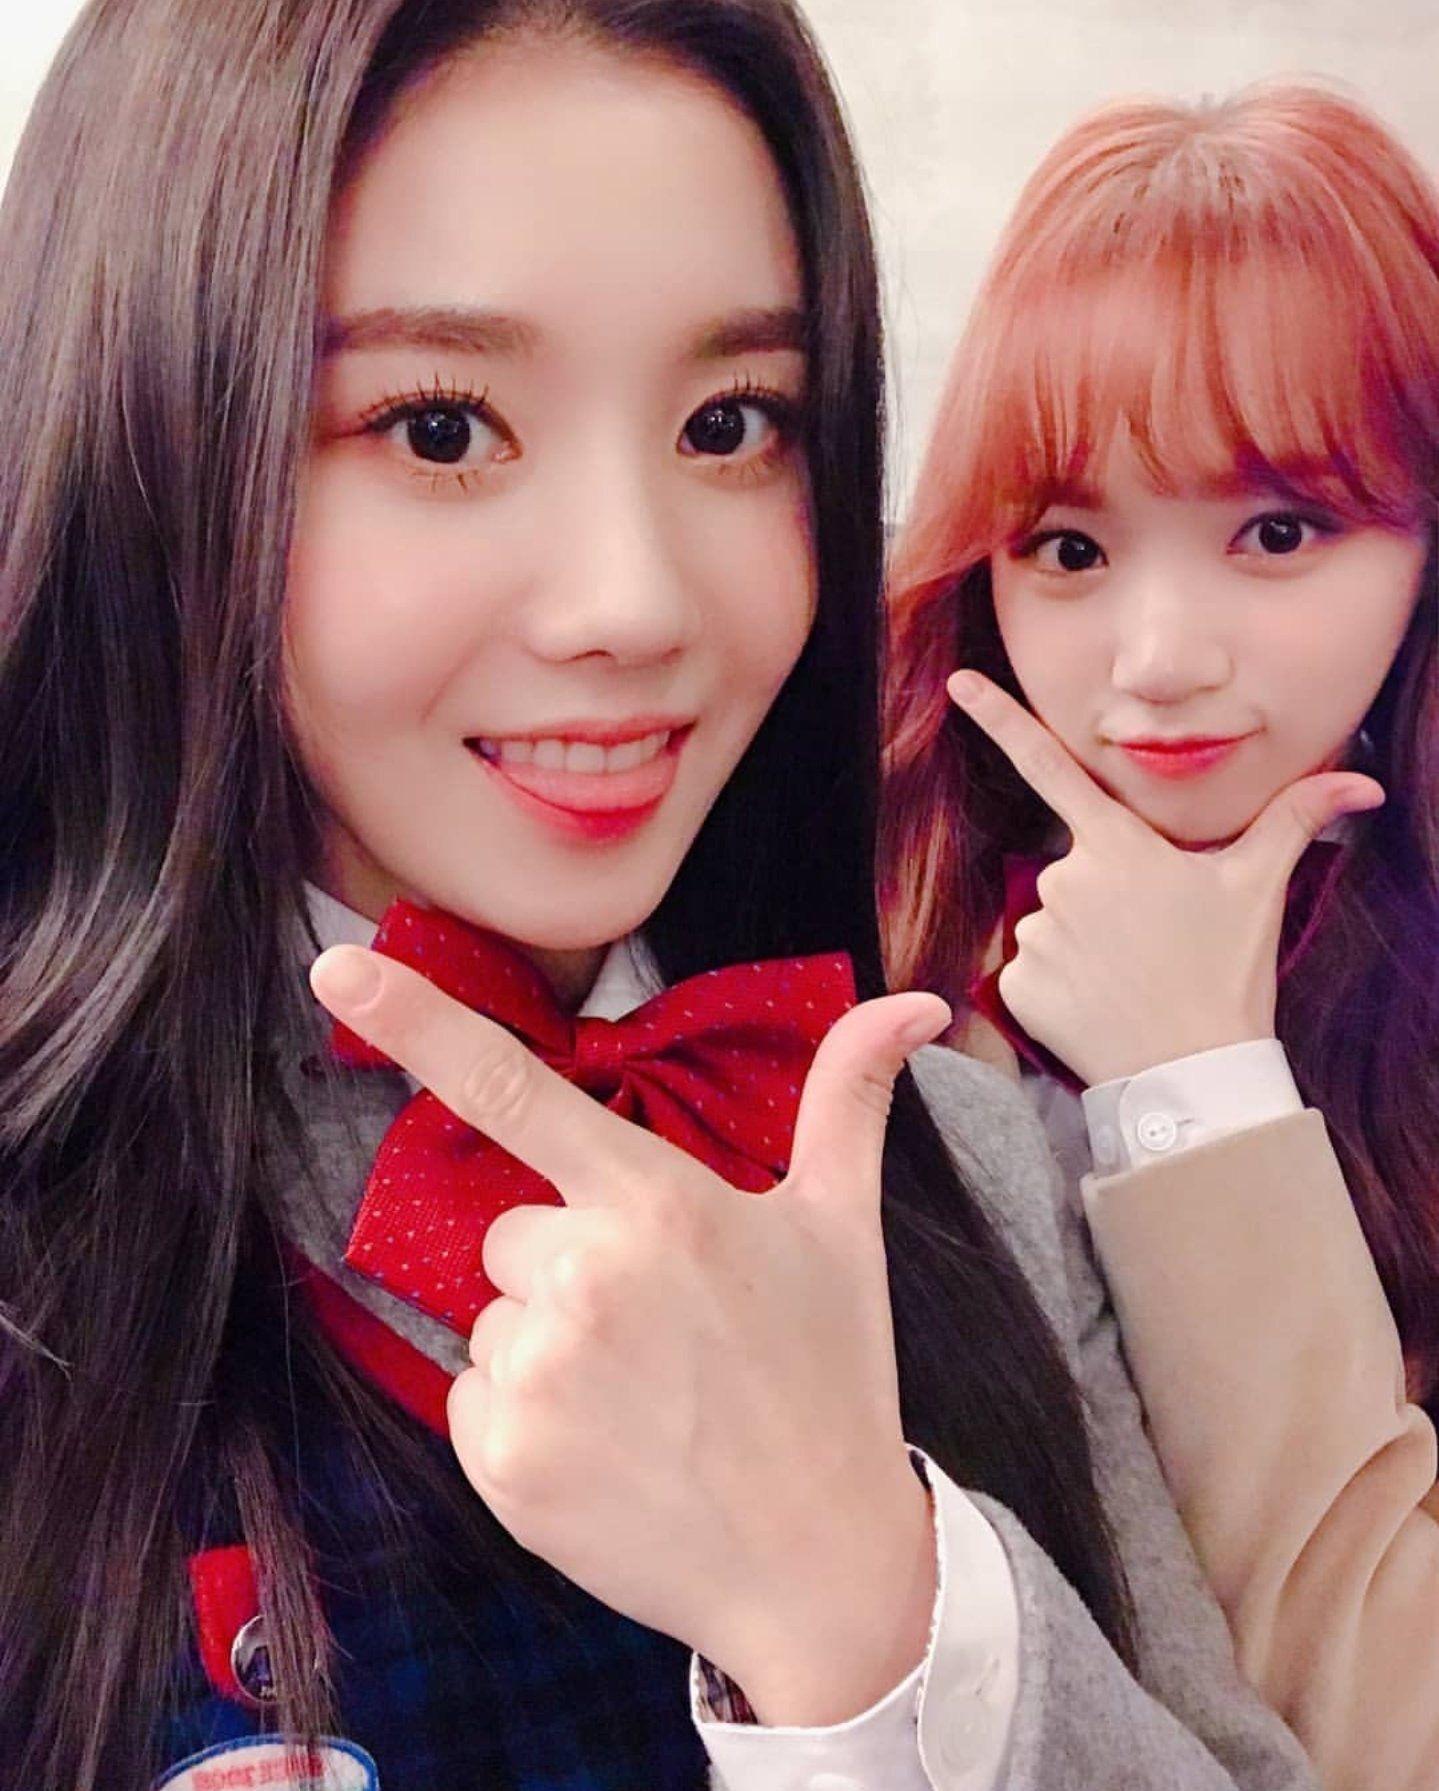 Pin By Ppporpore On Iz One Kpop Girl Groups Kpop Girls Japanese Girl Group